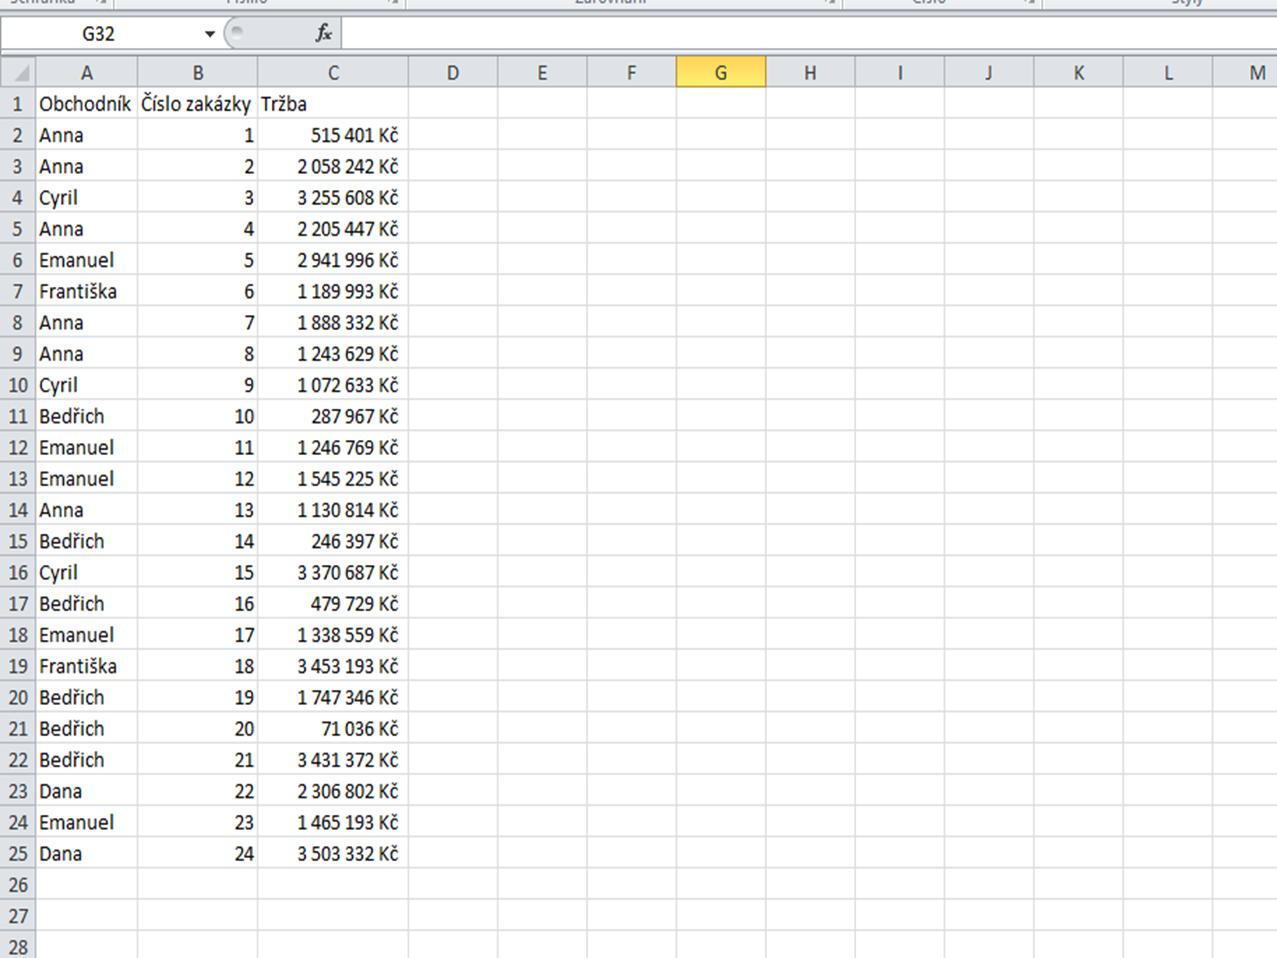 pocitana_pole_kontingencni_tabulky_zdrojova_data